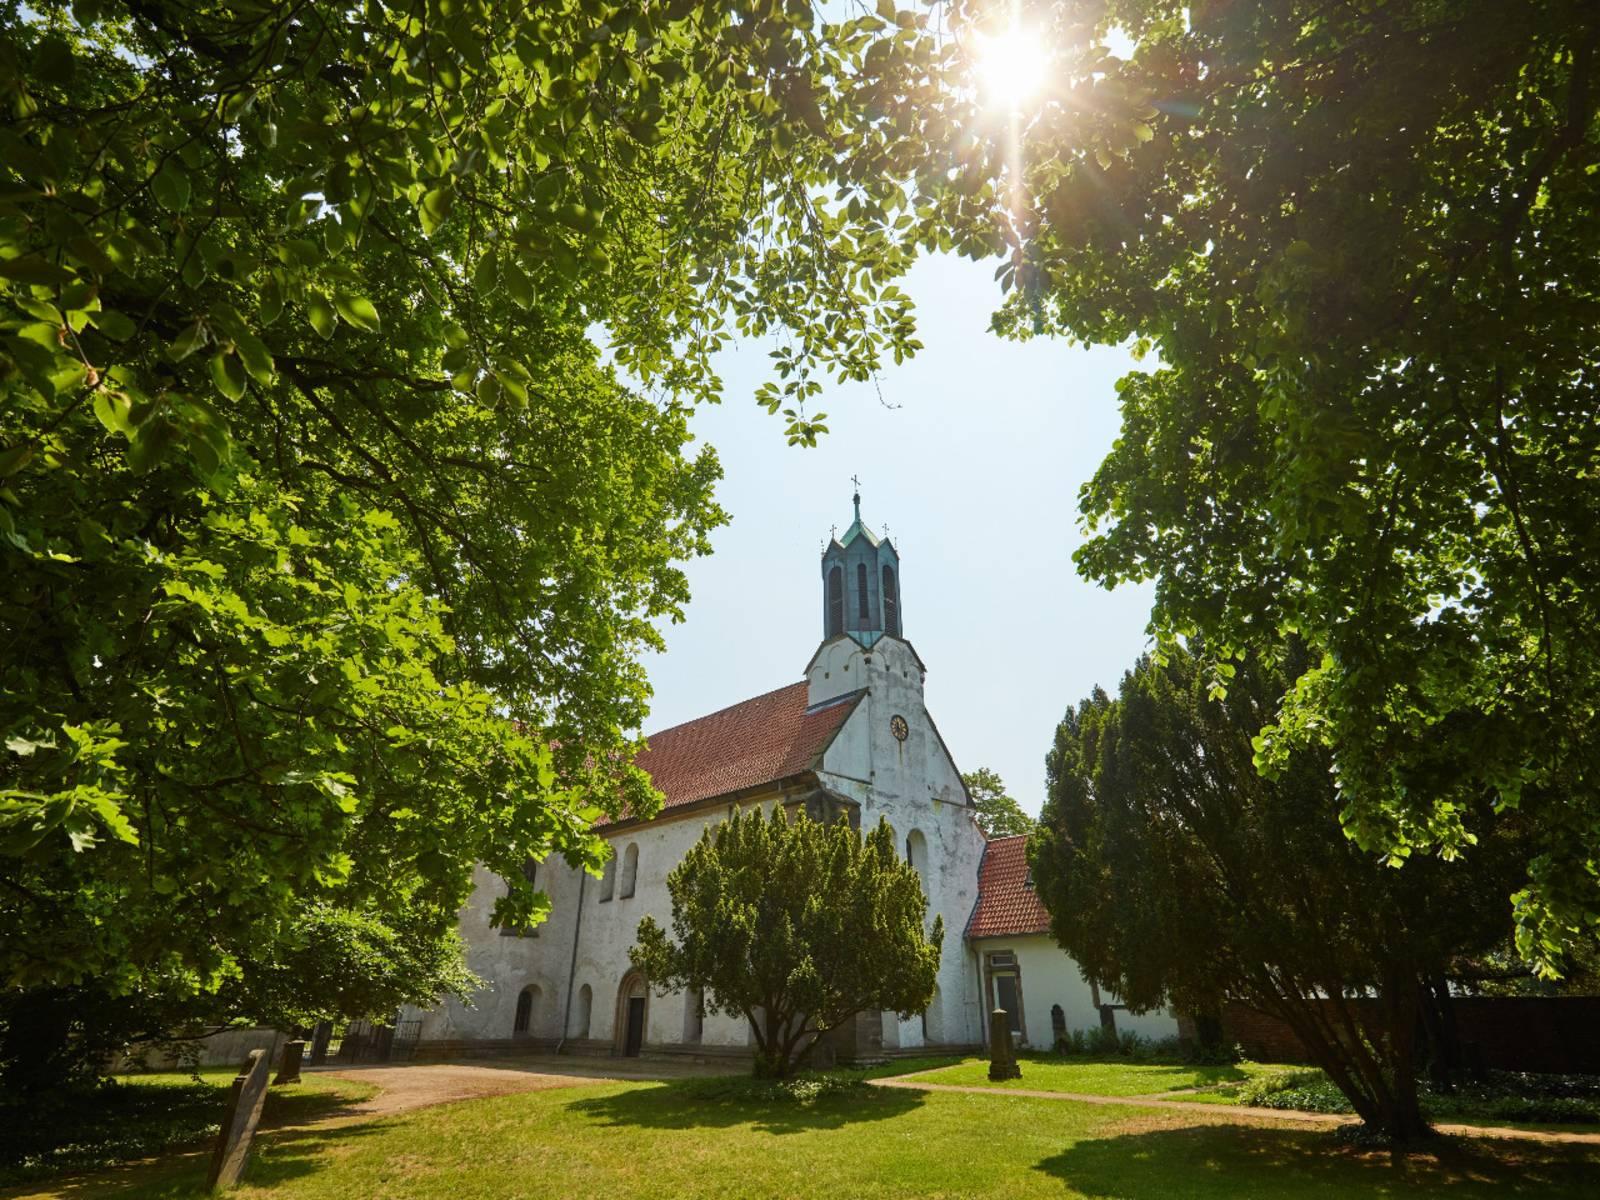 Ehemaliges Augustinerinnenkloster im Stadtteil Marienwerder im Nordwesten von Hannover